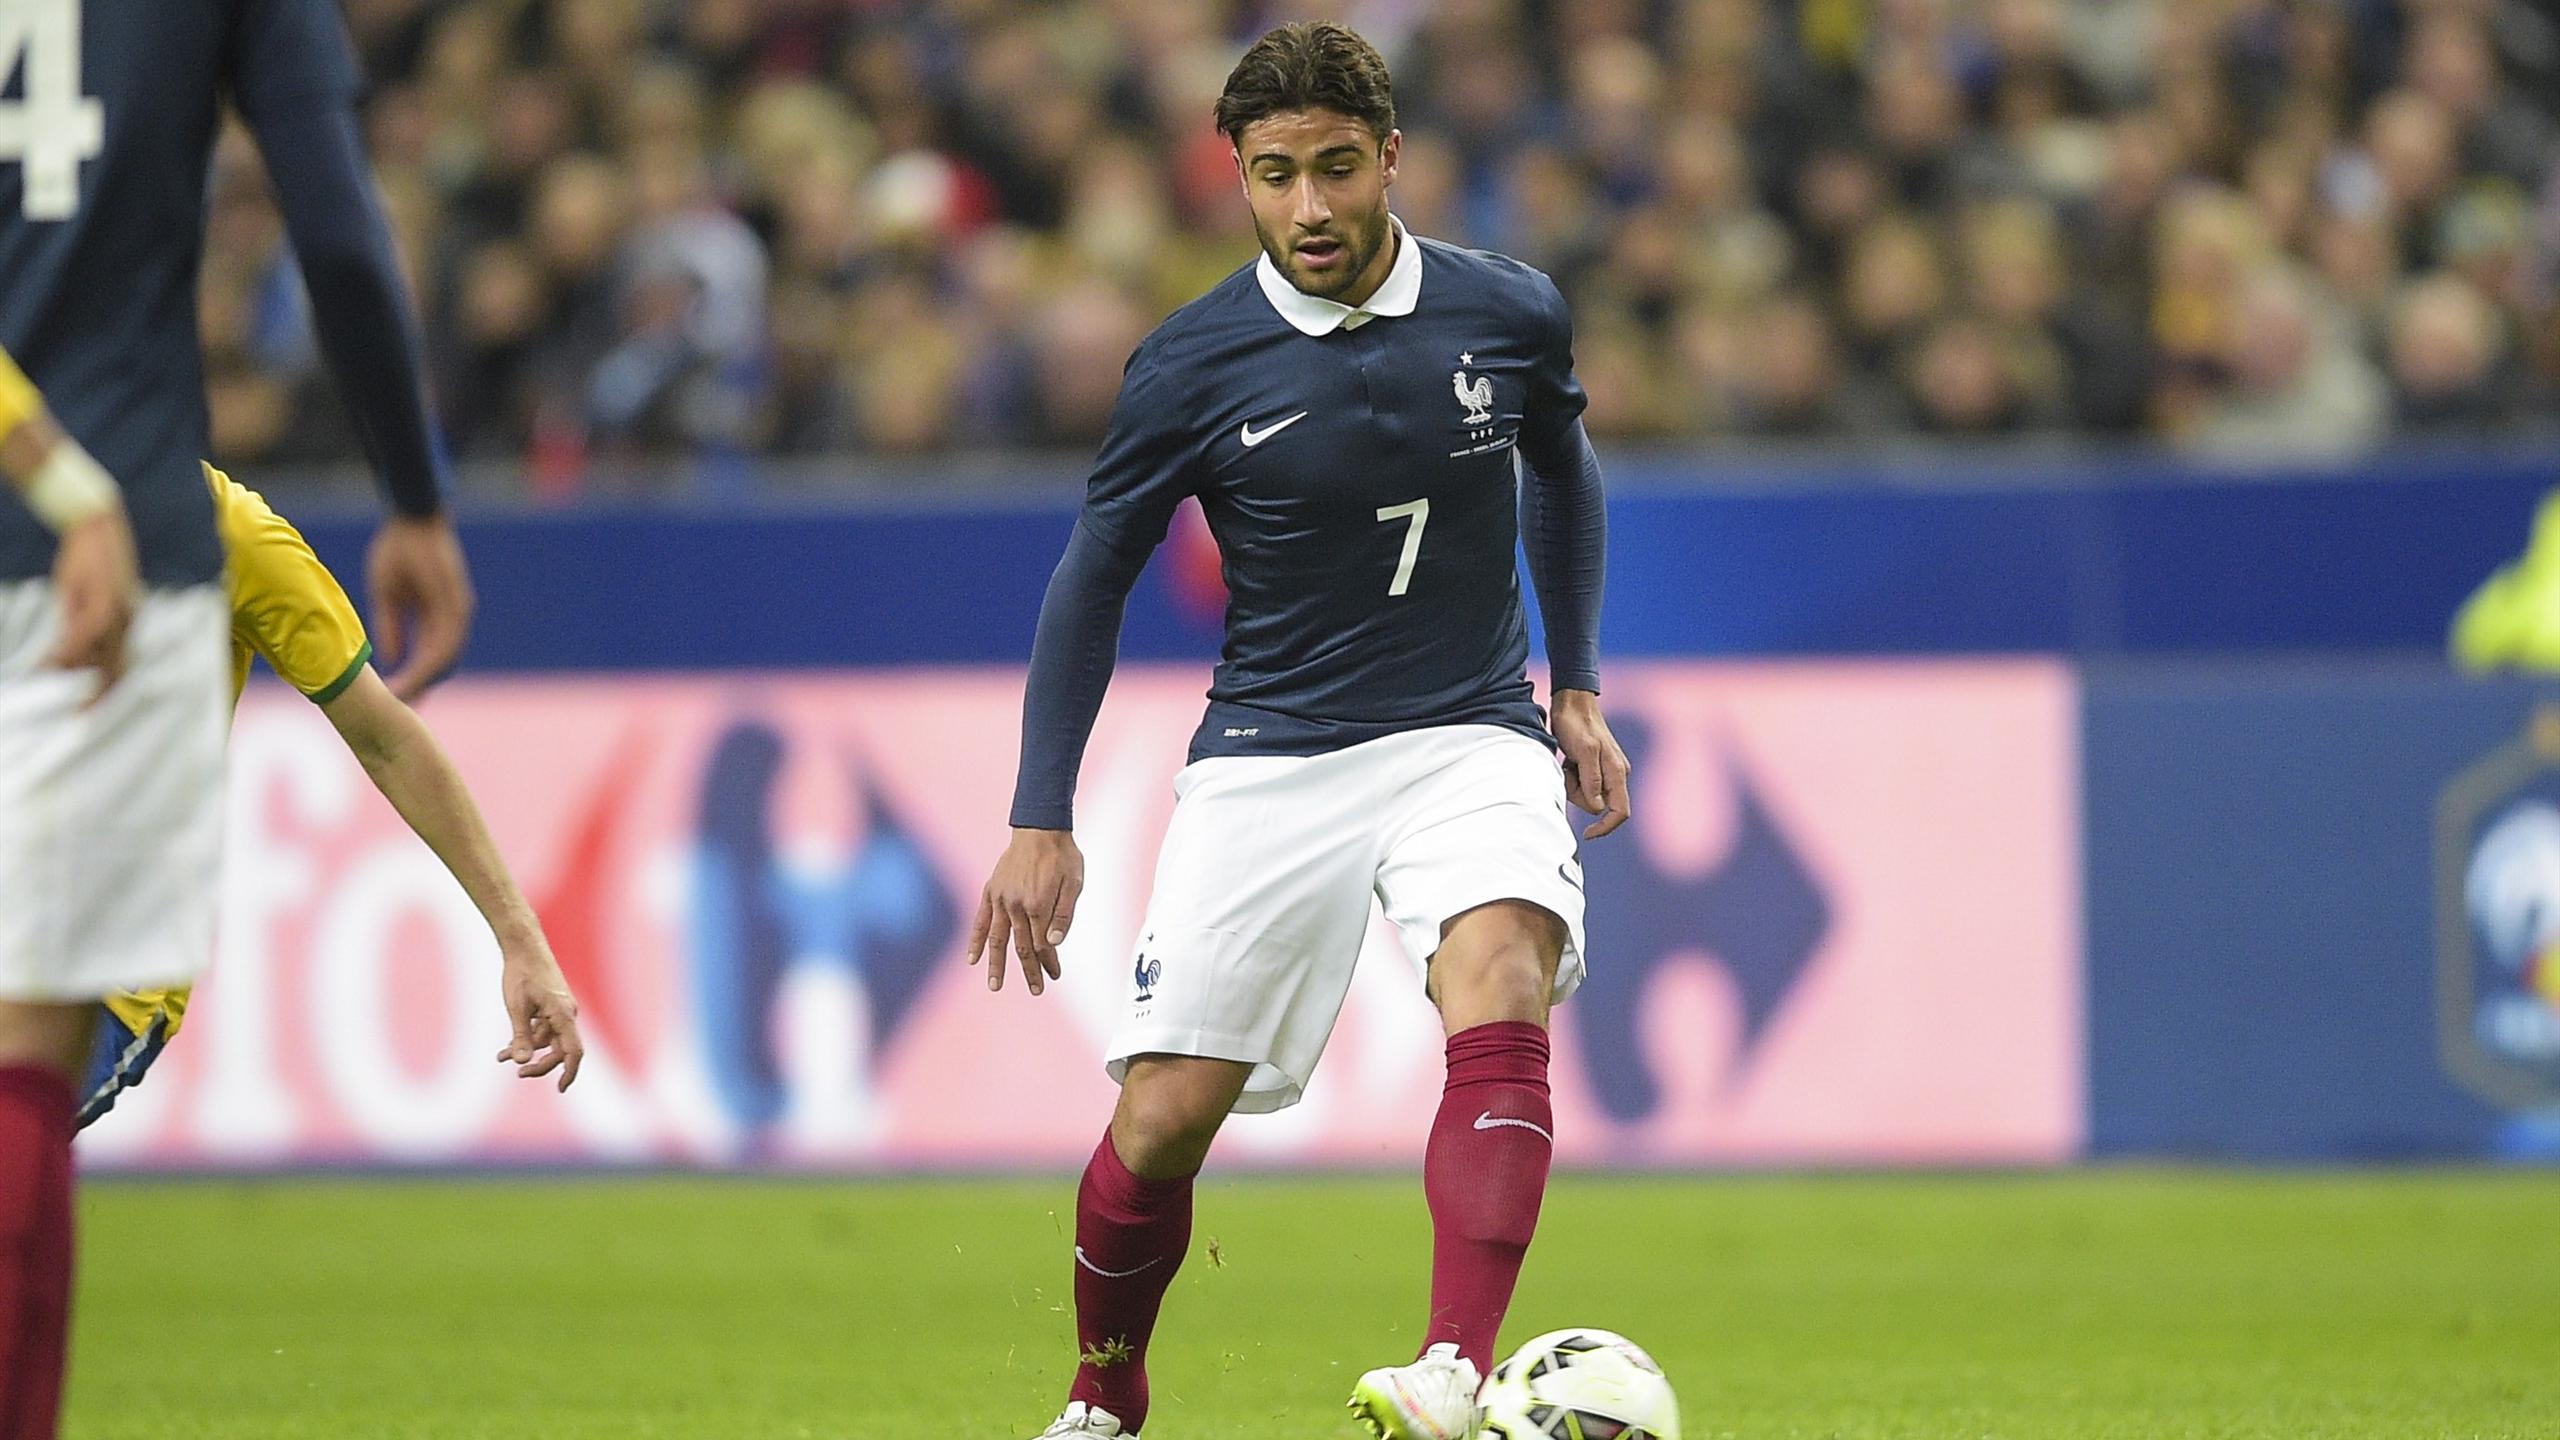 Arsenal FC gossip: Gunners increase interest in Lyon's £50m winger Nabil Fekir